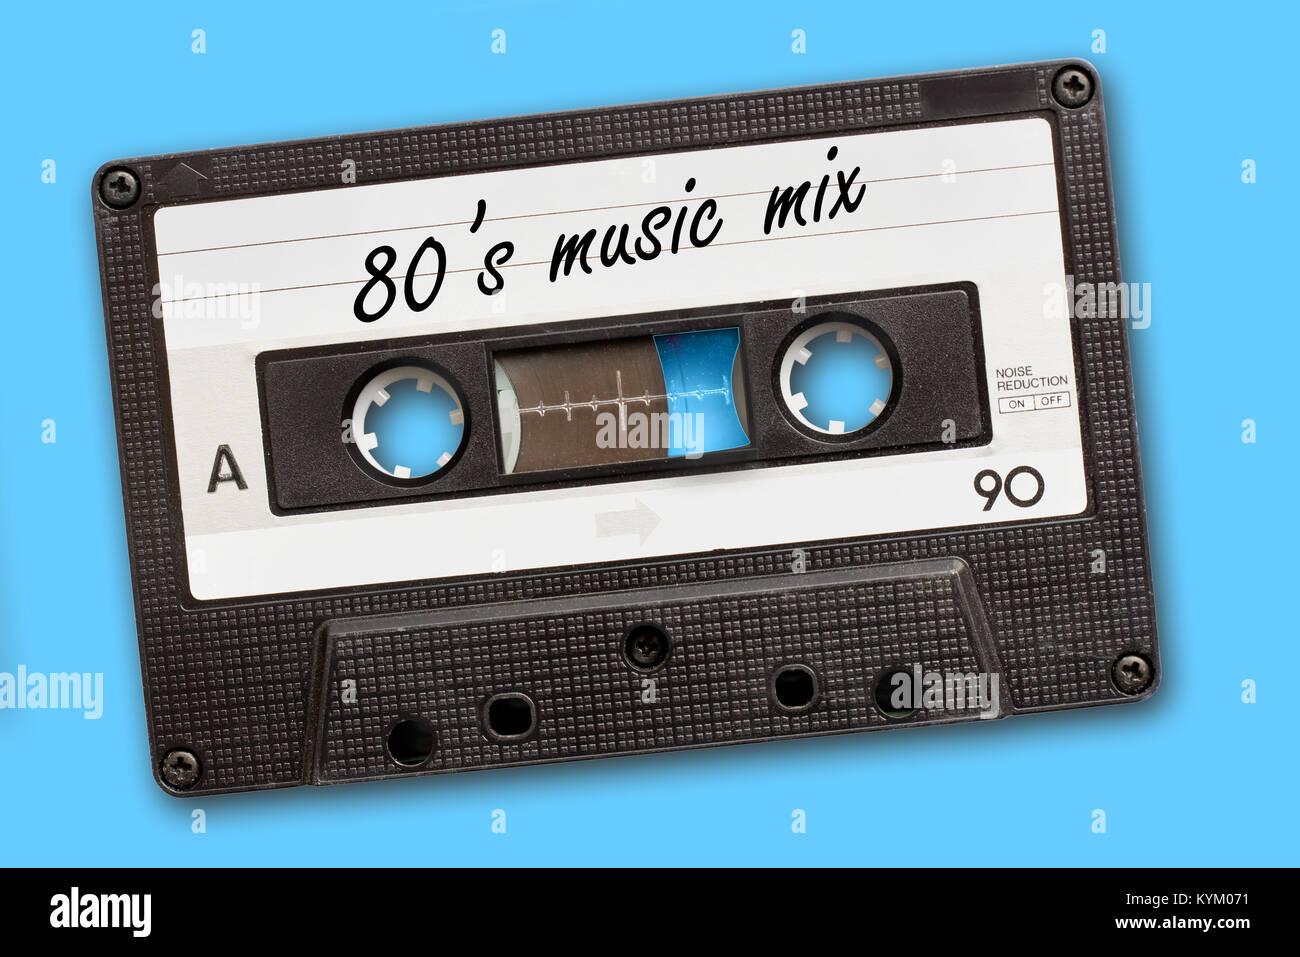 80er Jahre Musik Mix auf vintage Audio Cassette geschrieben, blauer Hintergrund Stockbild